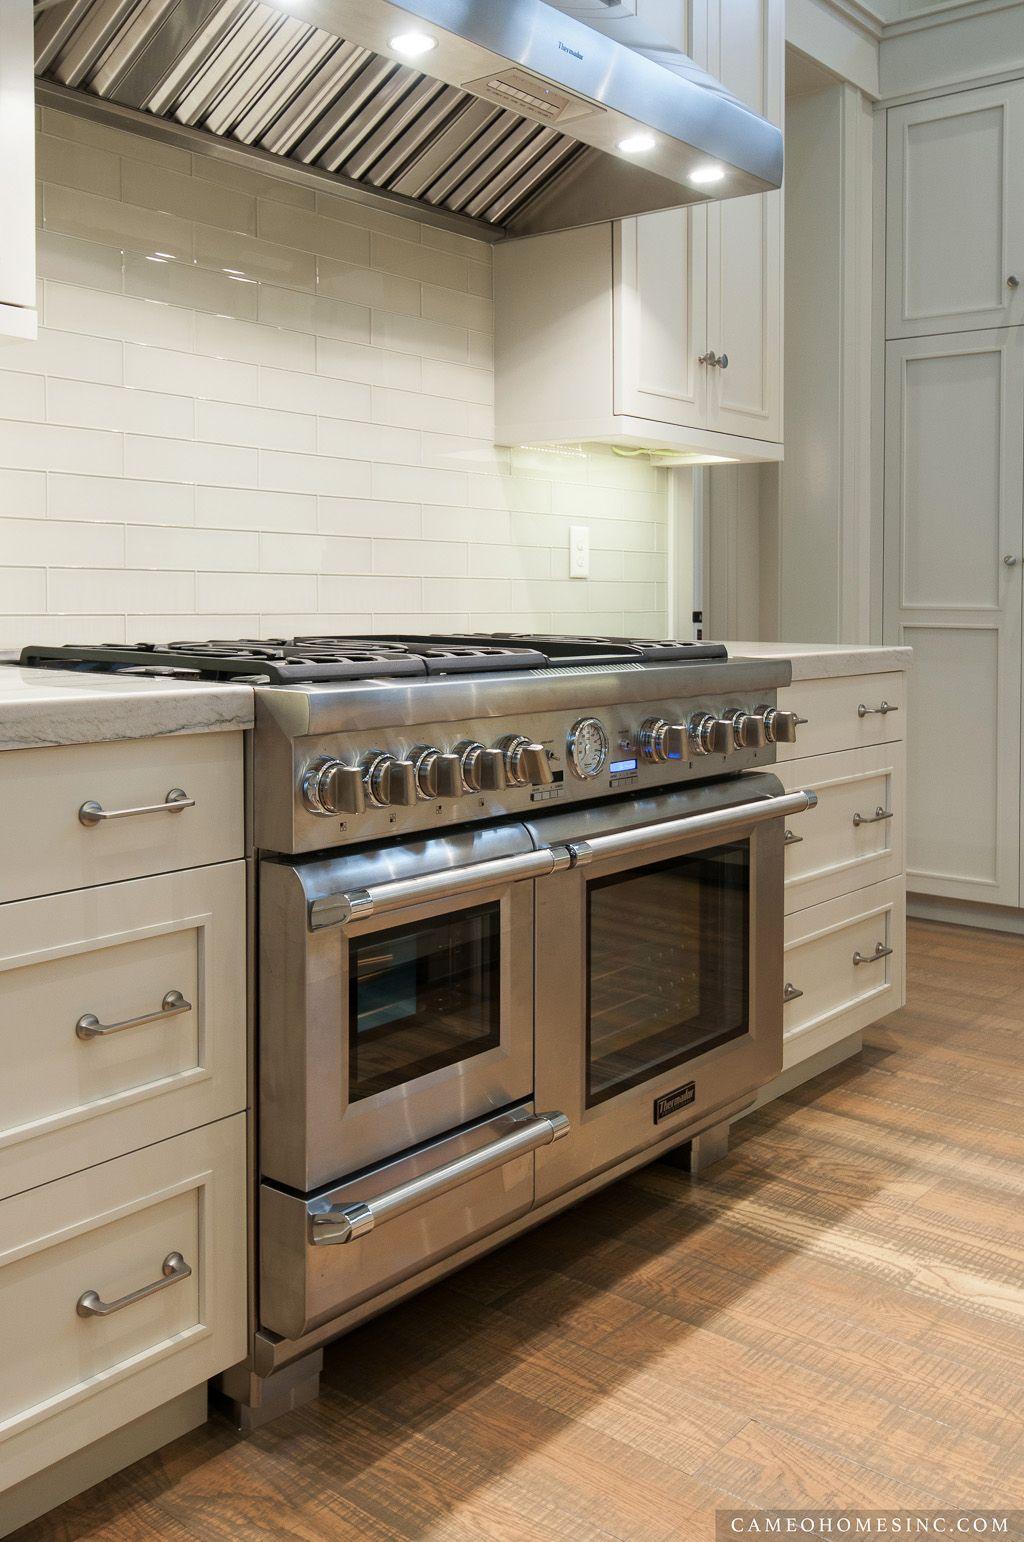 La Cocina: Tengo dos estufas en mi cocina. | La Casa de Mis Sueños ...